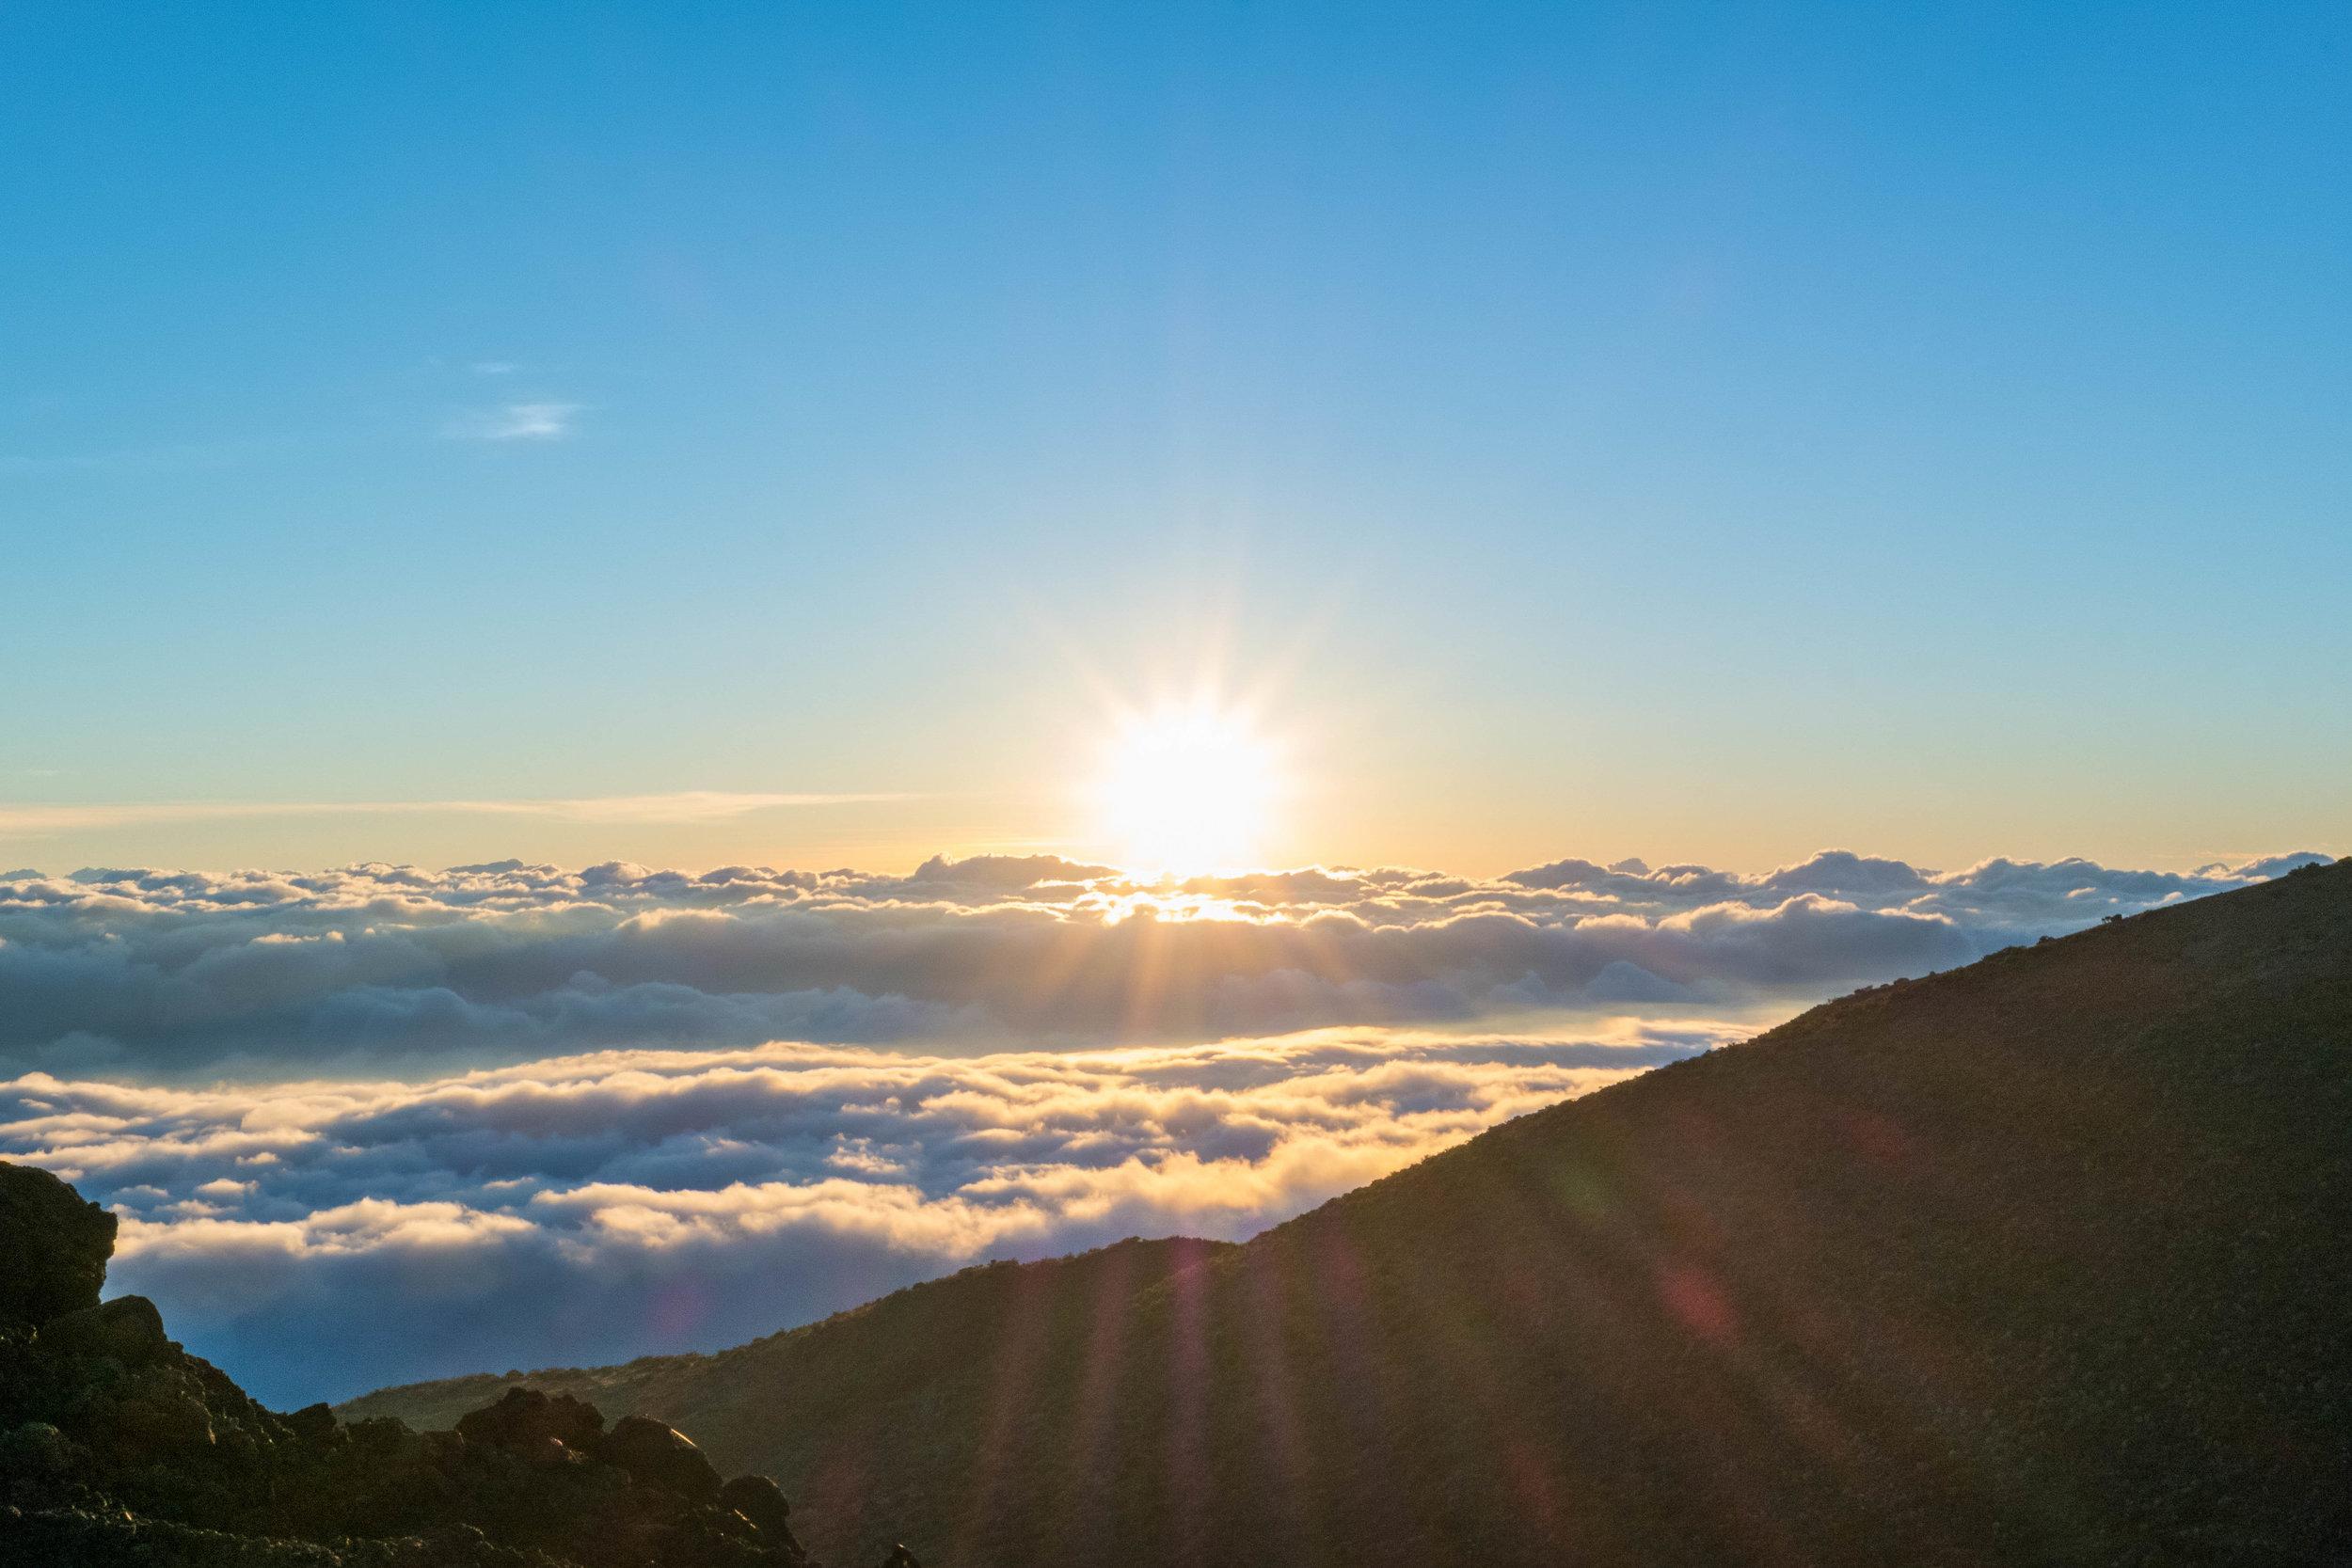 Mauna Kea Observatories, Big Island, Hawaii 2016